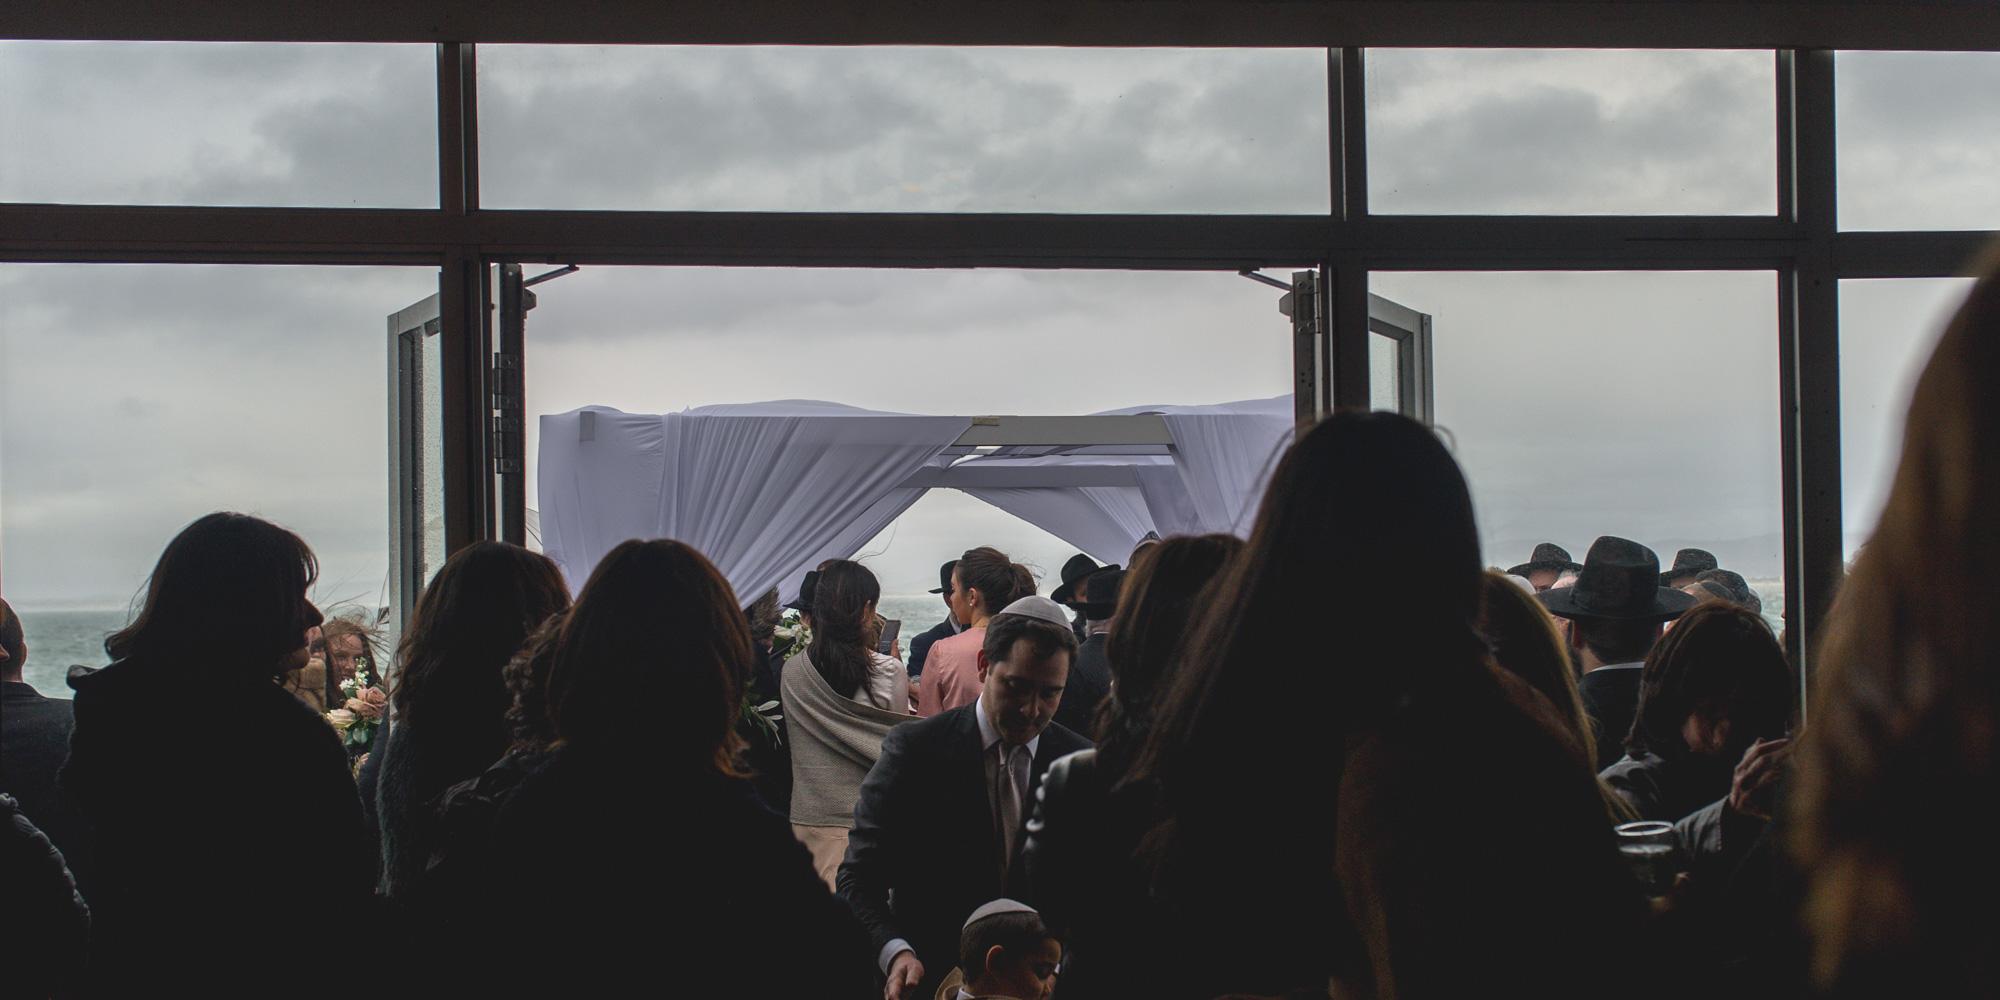 john-henry-wedding-photographer-aaron-devorah-the-lookout-059.JPG